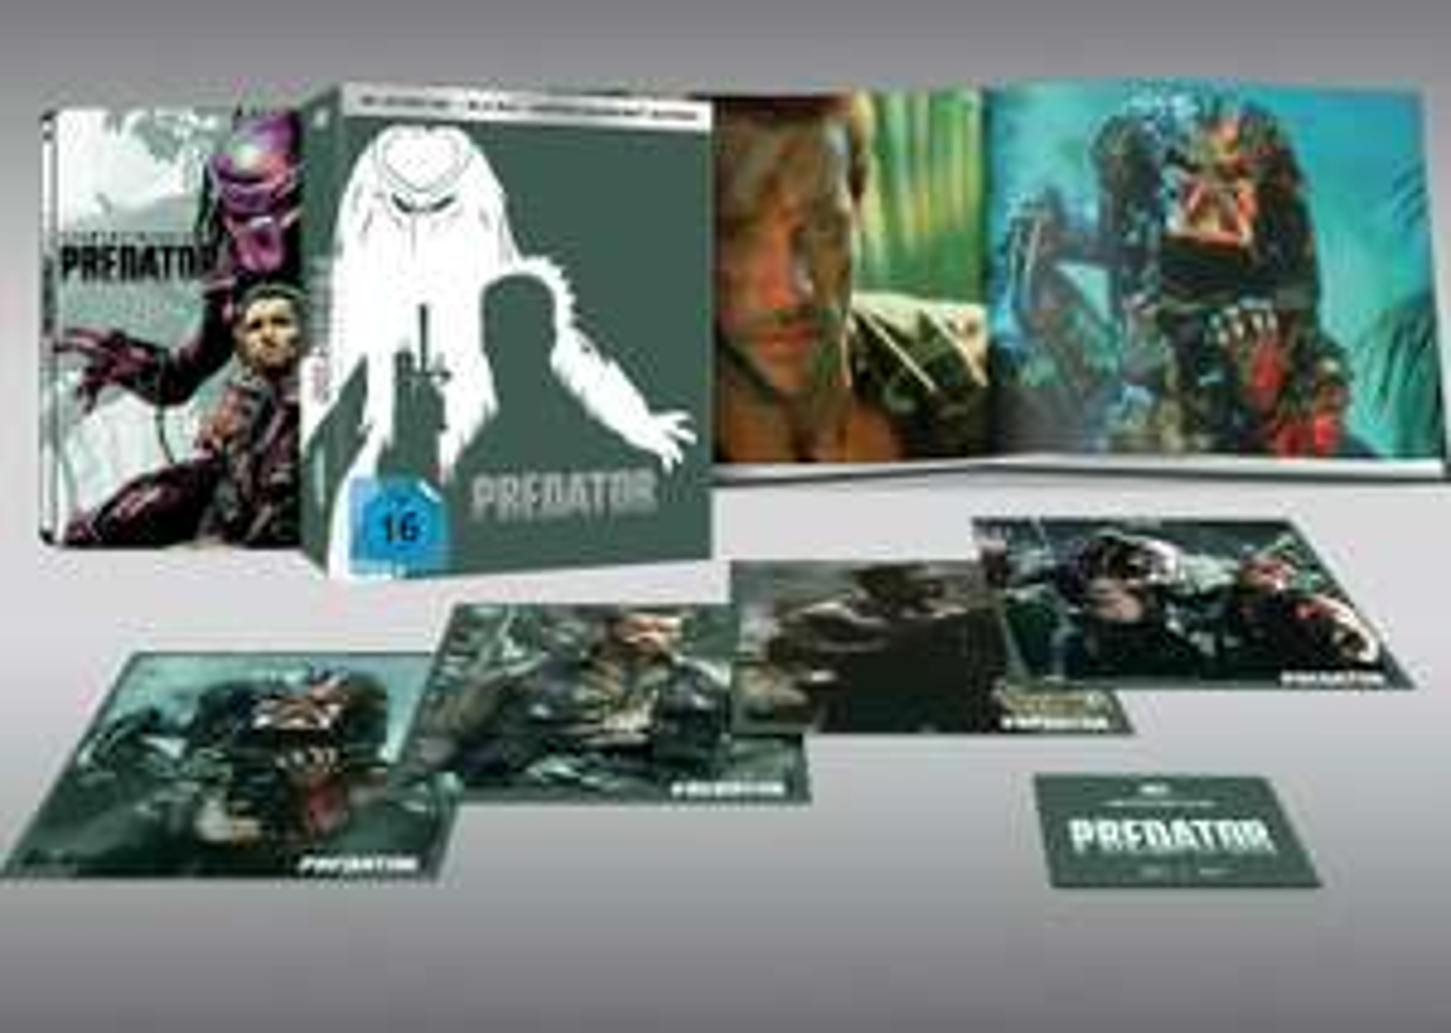 [Saturn] Predator (Limited Slipsheet Edition inkl. 4K Ultra-HD Blu-ray Steelbook) - limitiert auf 444 Stück für 29,99€ inkl. Versand